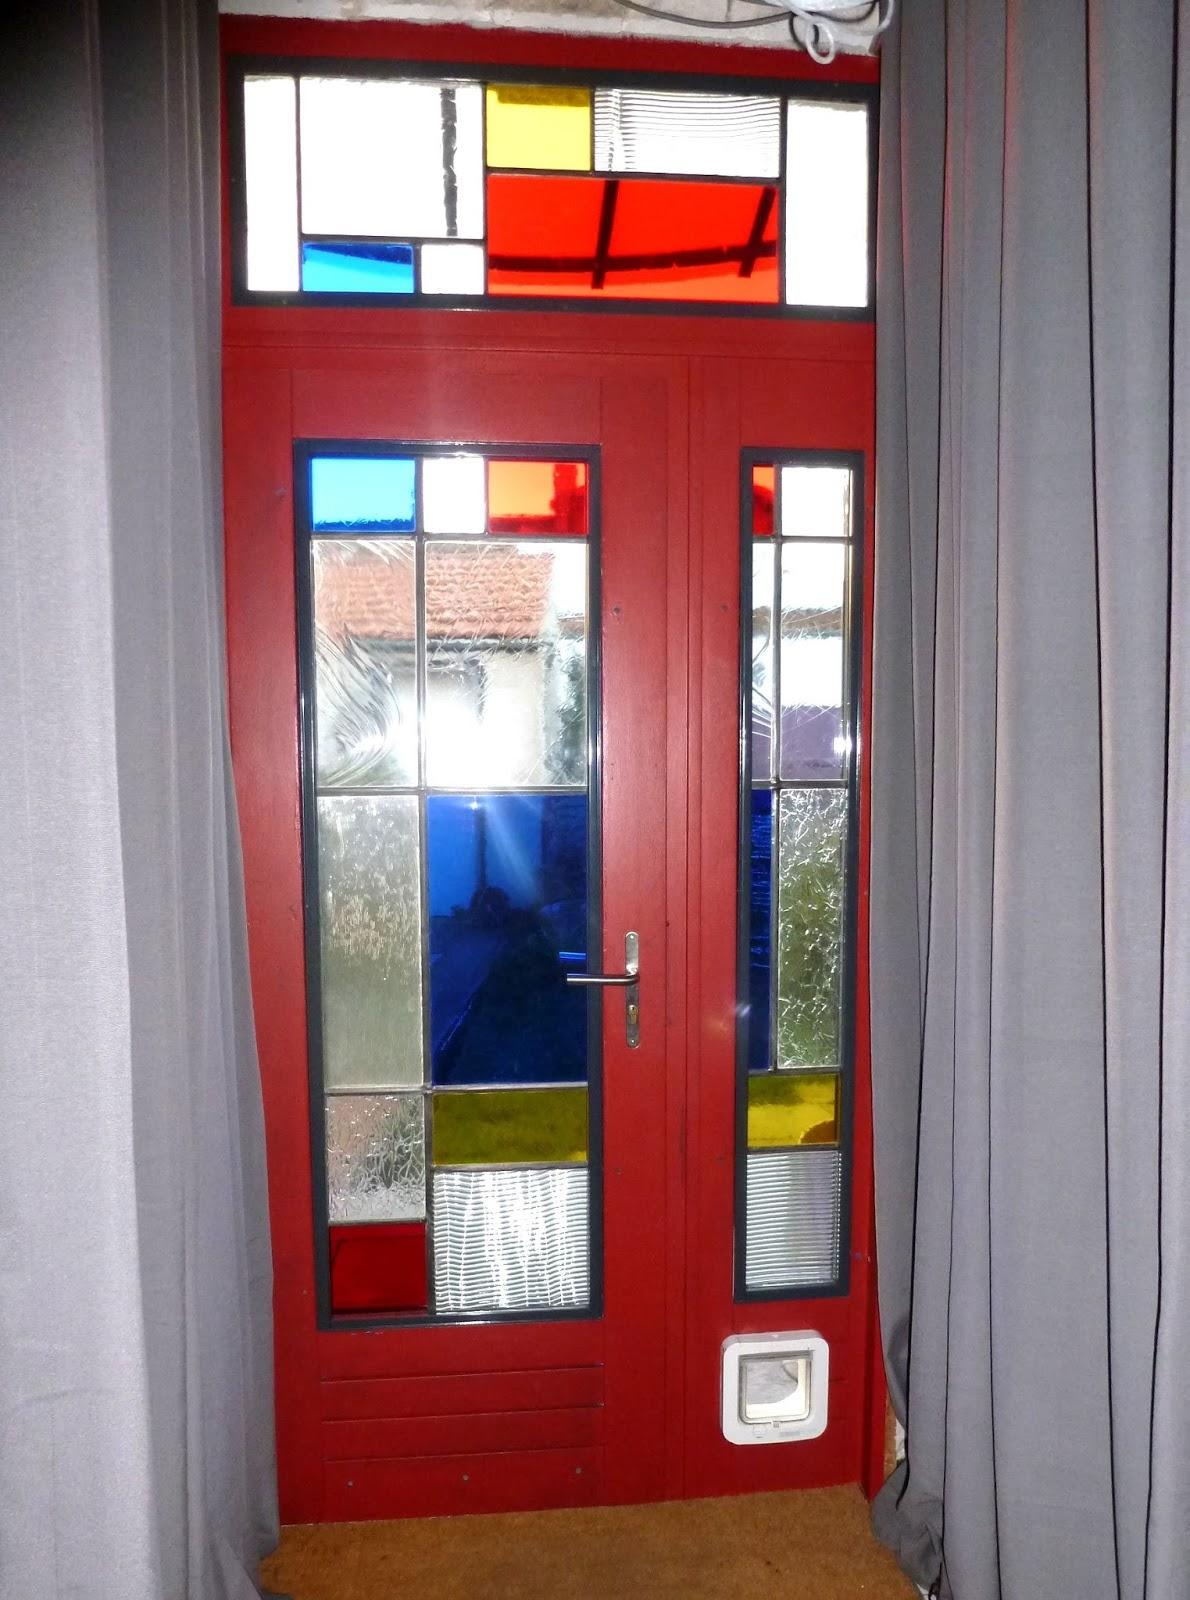 vitrail de r galerie fen tre hublot porte paravent contemporain ou de style. Black Bedroom Furniture Sets. Home Design Ideas